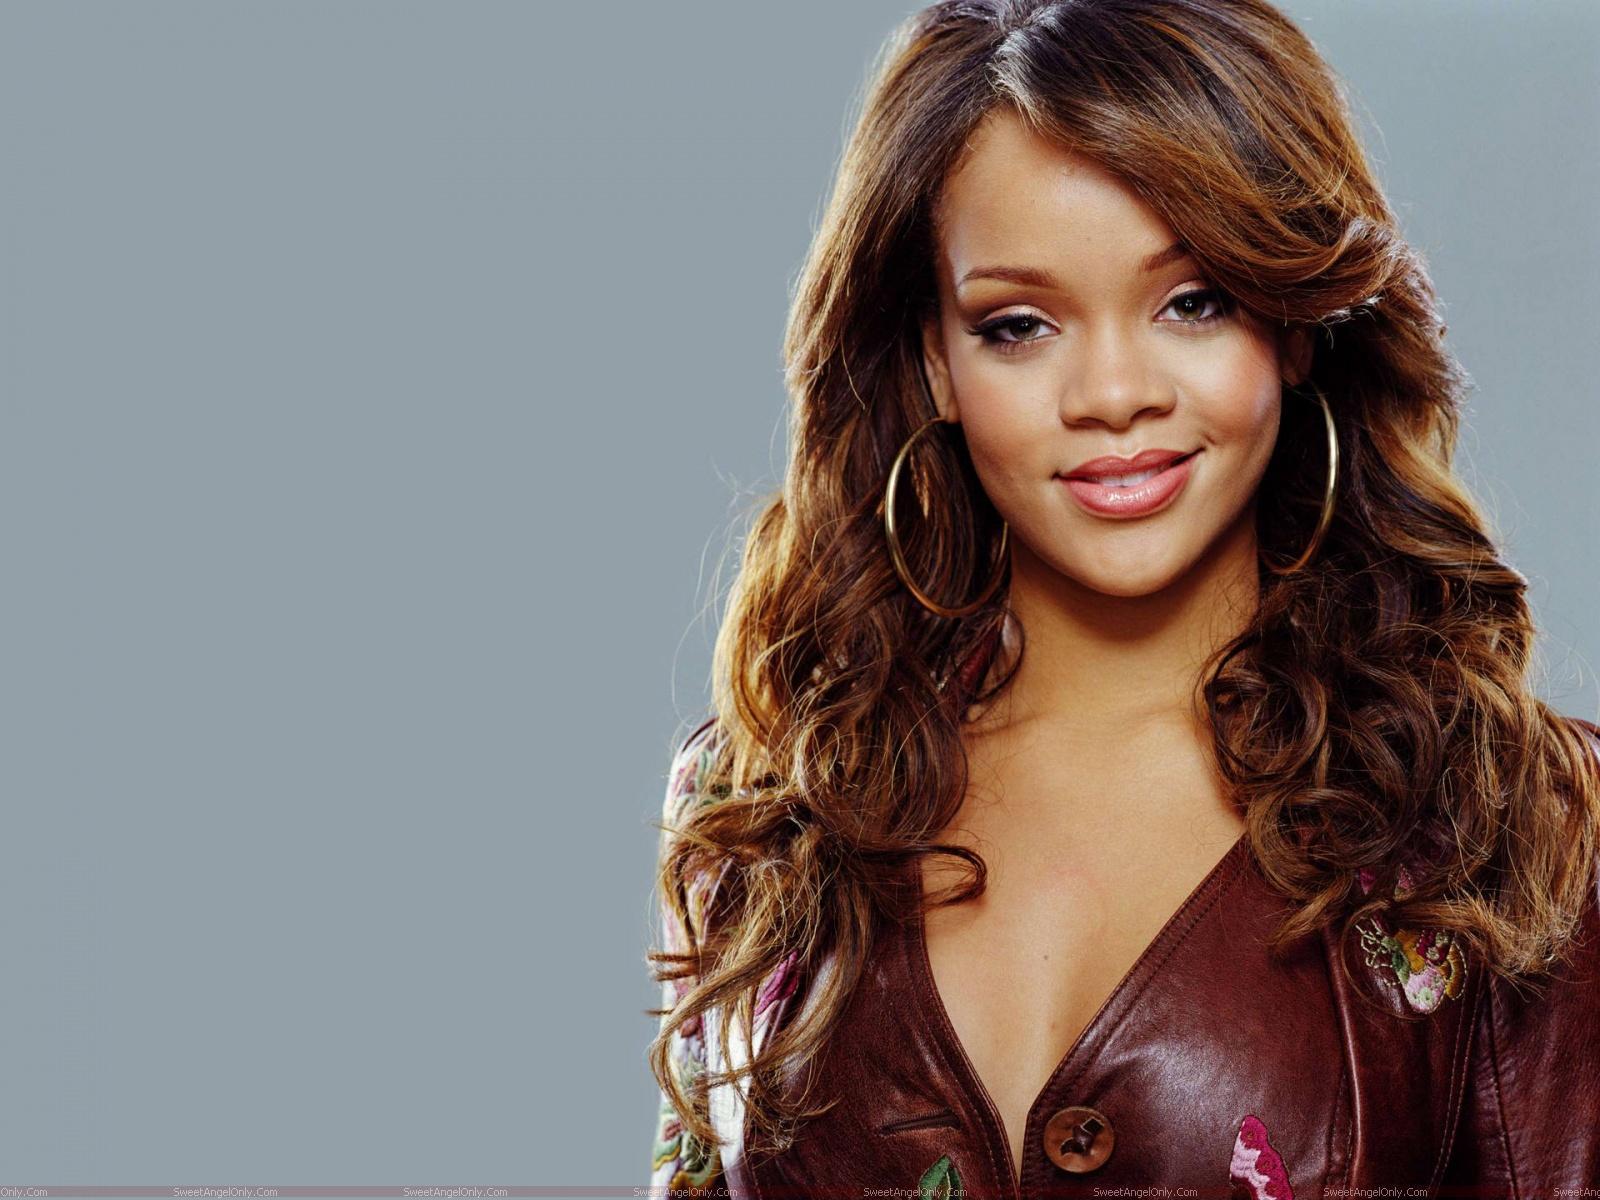 http://1.bp.blogspot.com/-e-lbvaLIwlA/TgBc_bMZZFI/AAAAAAAAFrU/tijoHKHFp9o/s1600/celebrity_rihanna_wallpaper.jpg